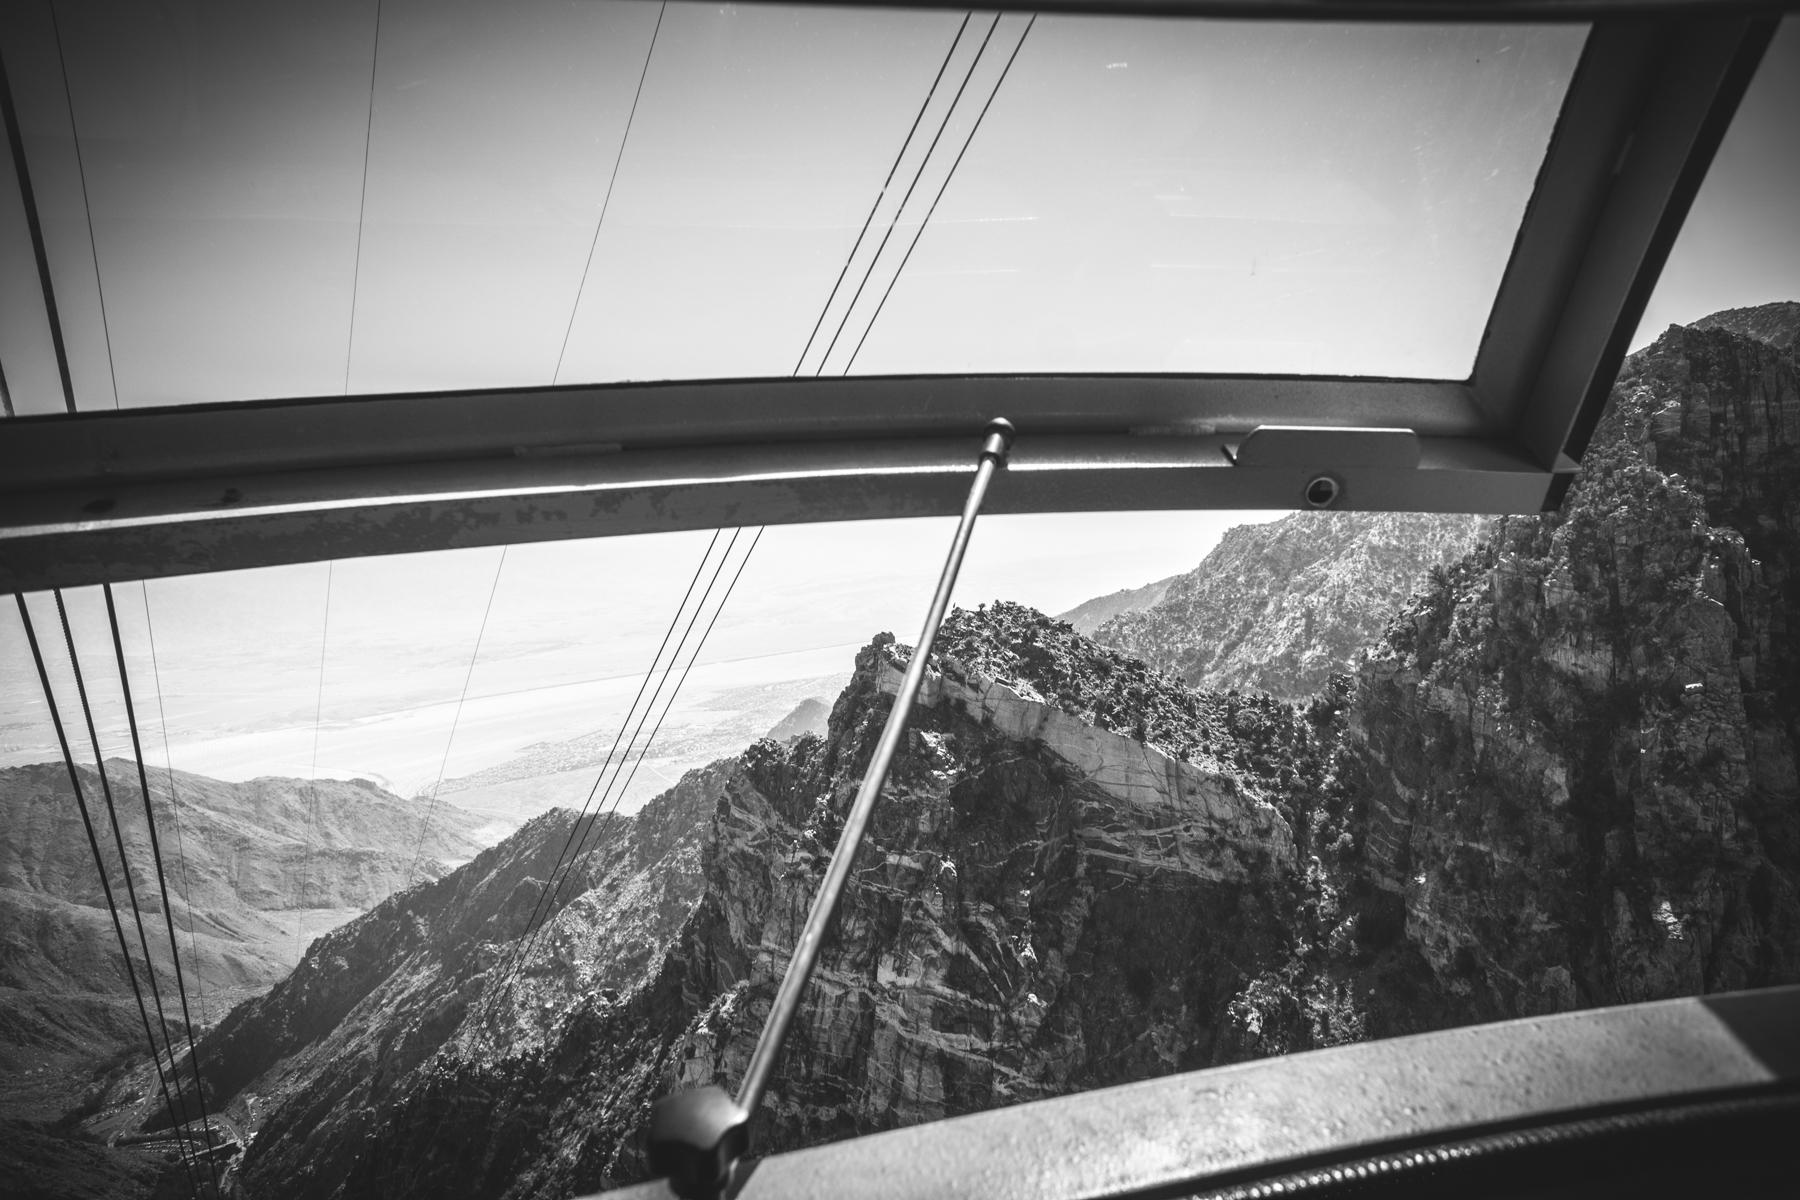 2017-07-02 San Jacinto Peak B (1 of 30).jpg